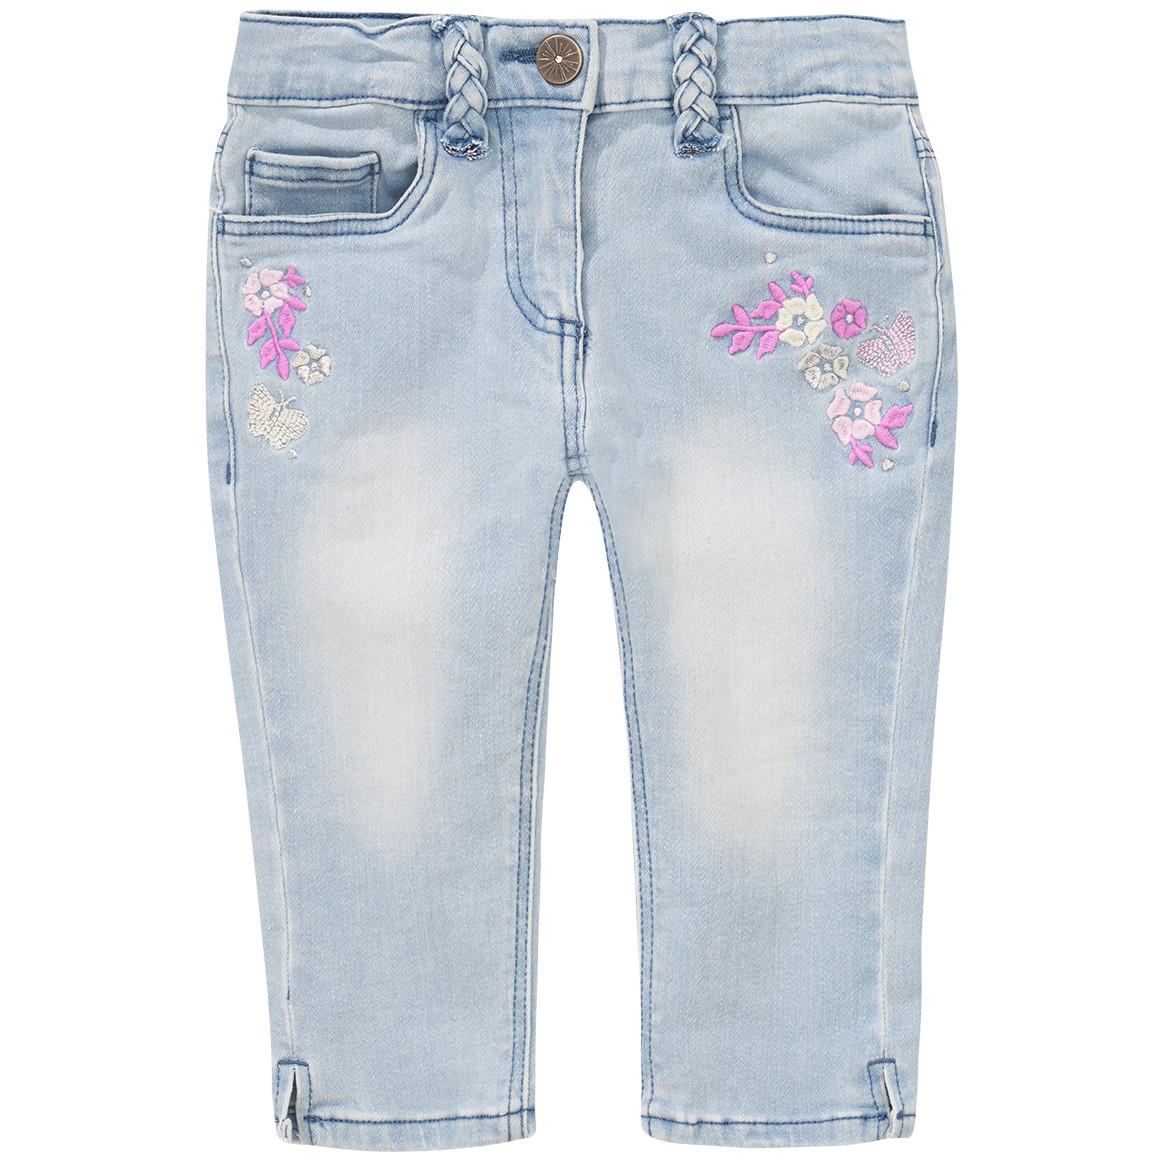 Mädchen Capri Jeans mit Blumen Stickerei